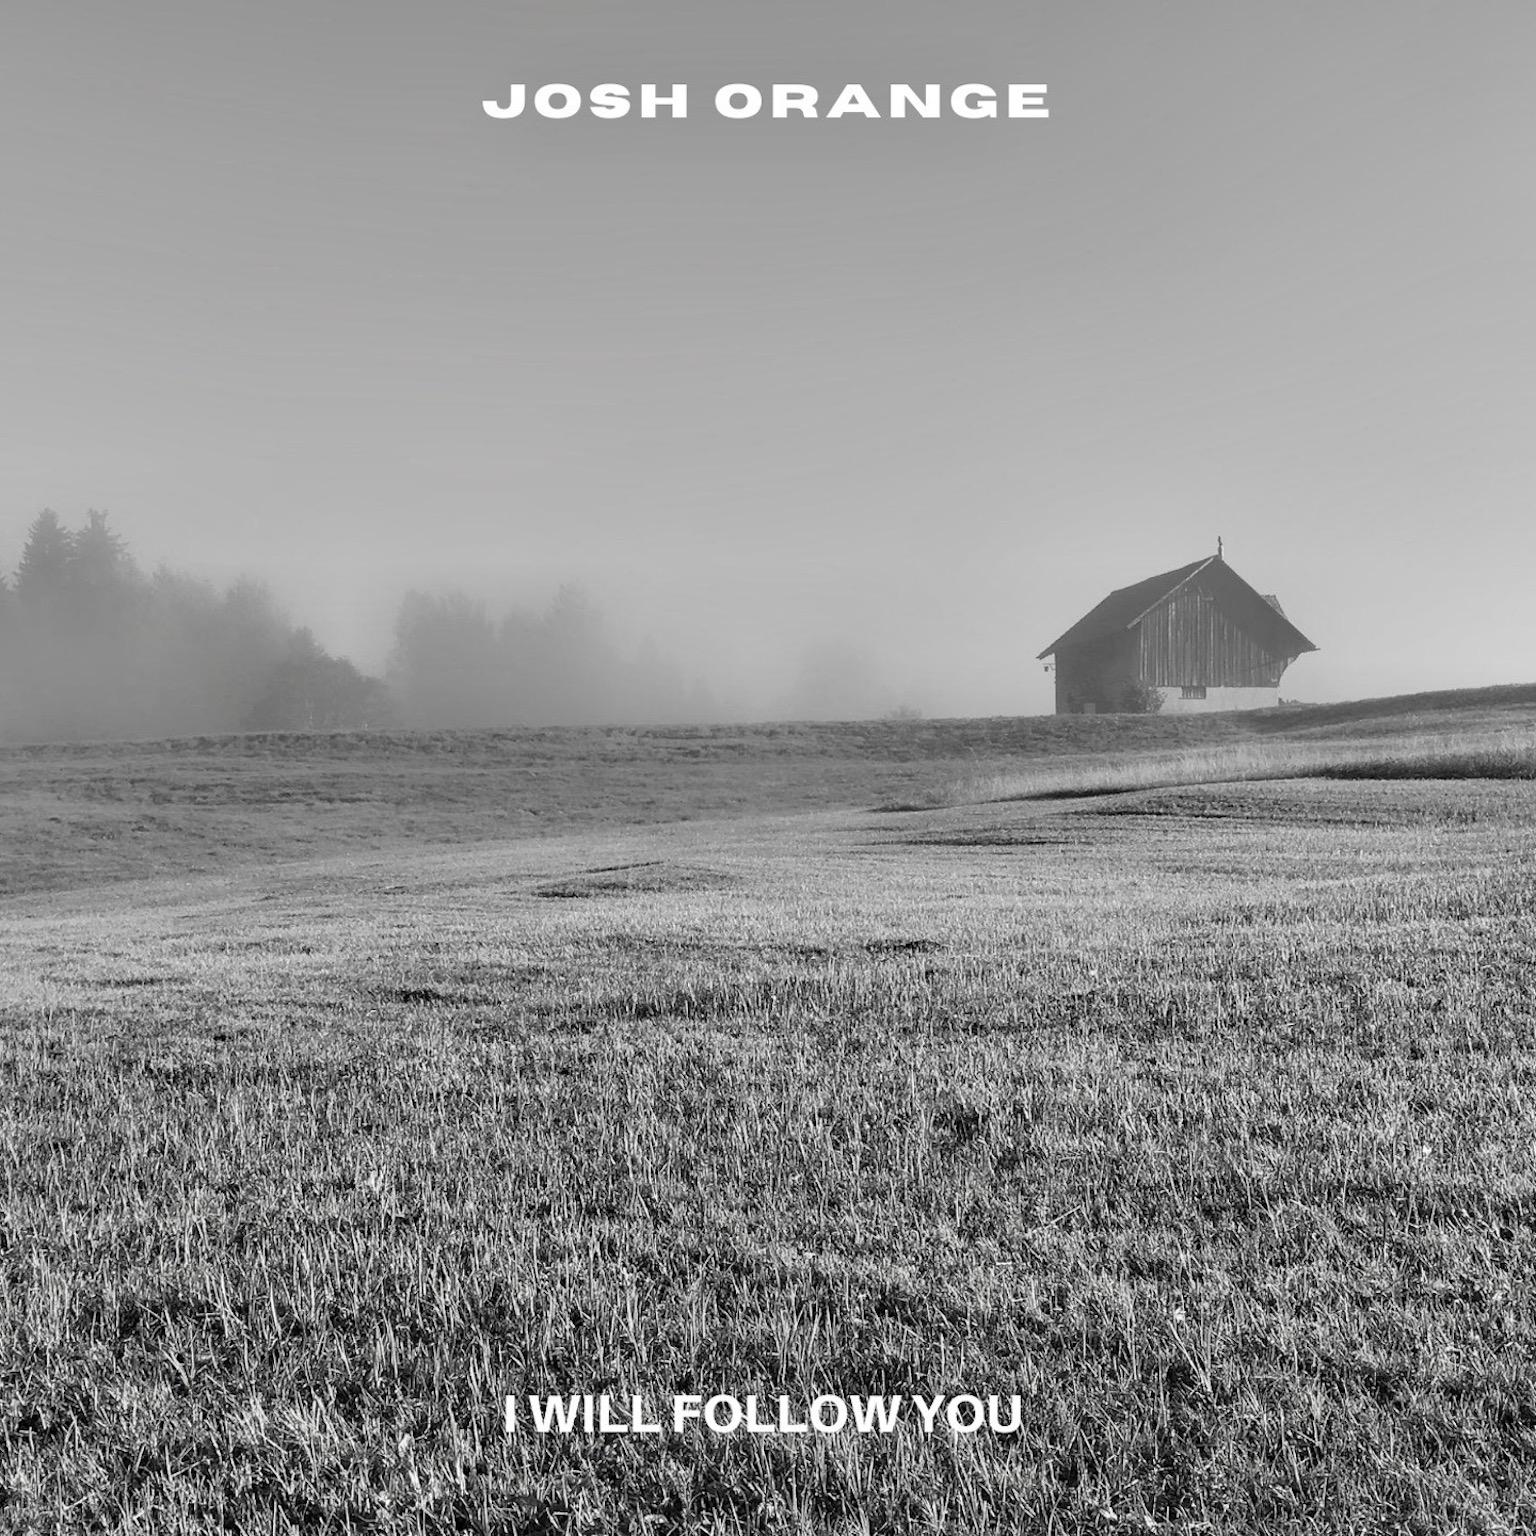 JOSH ORANGE – Introducing